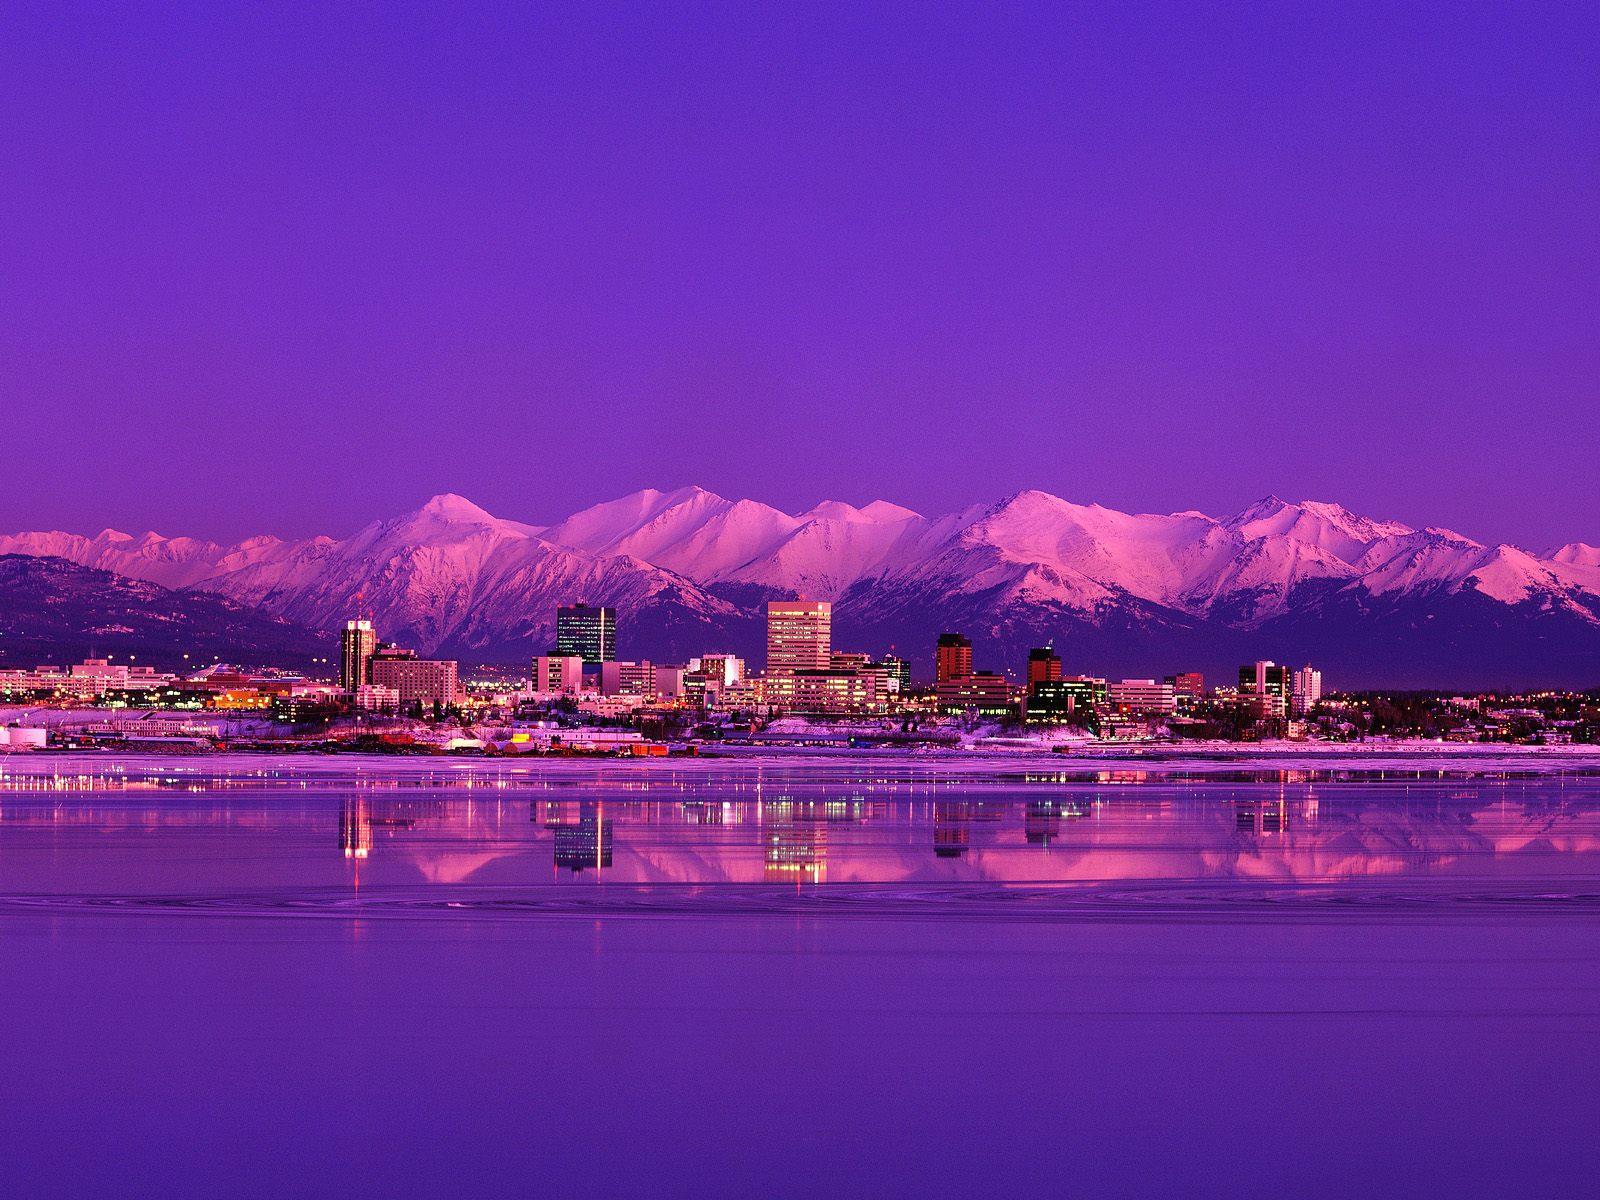 Anchorage Alaszka háttérkép letöltés